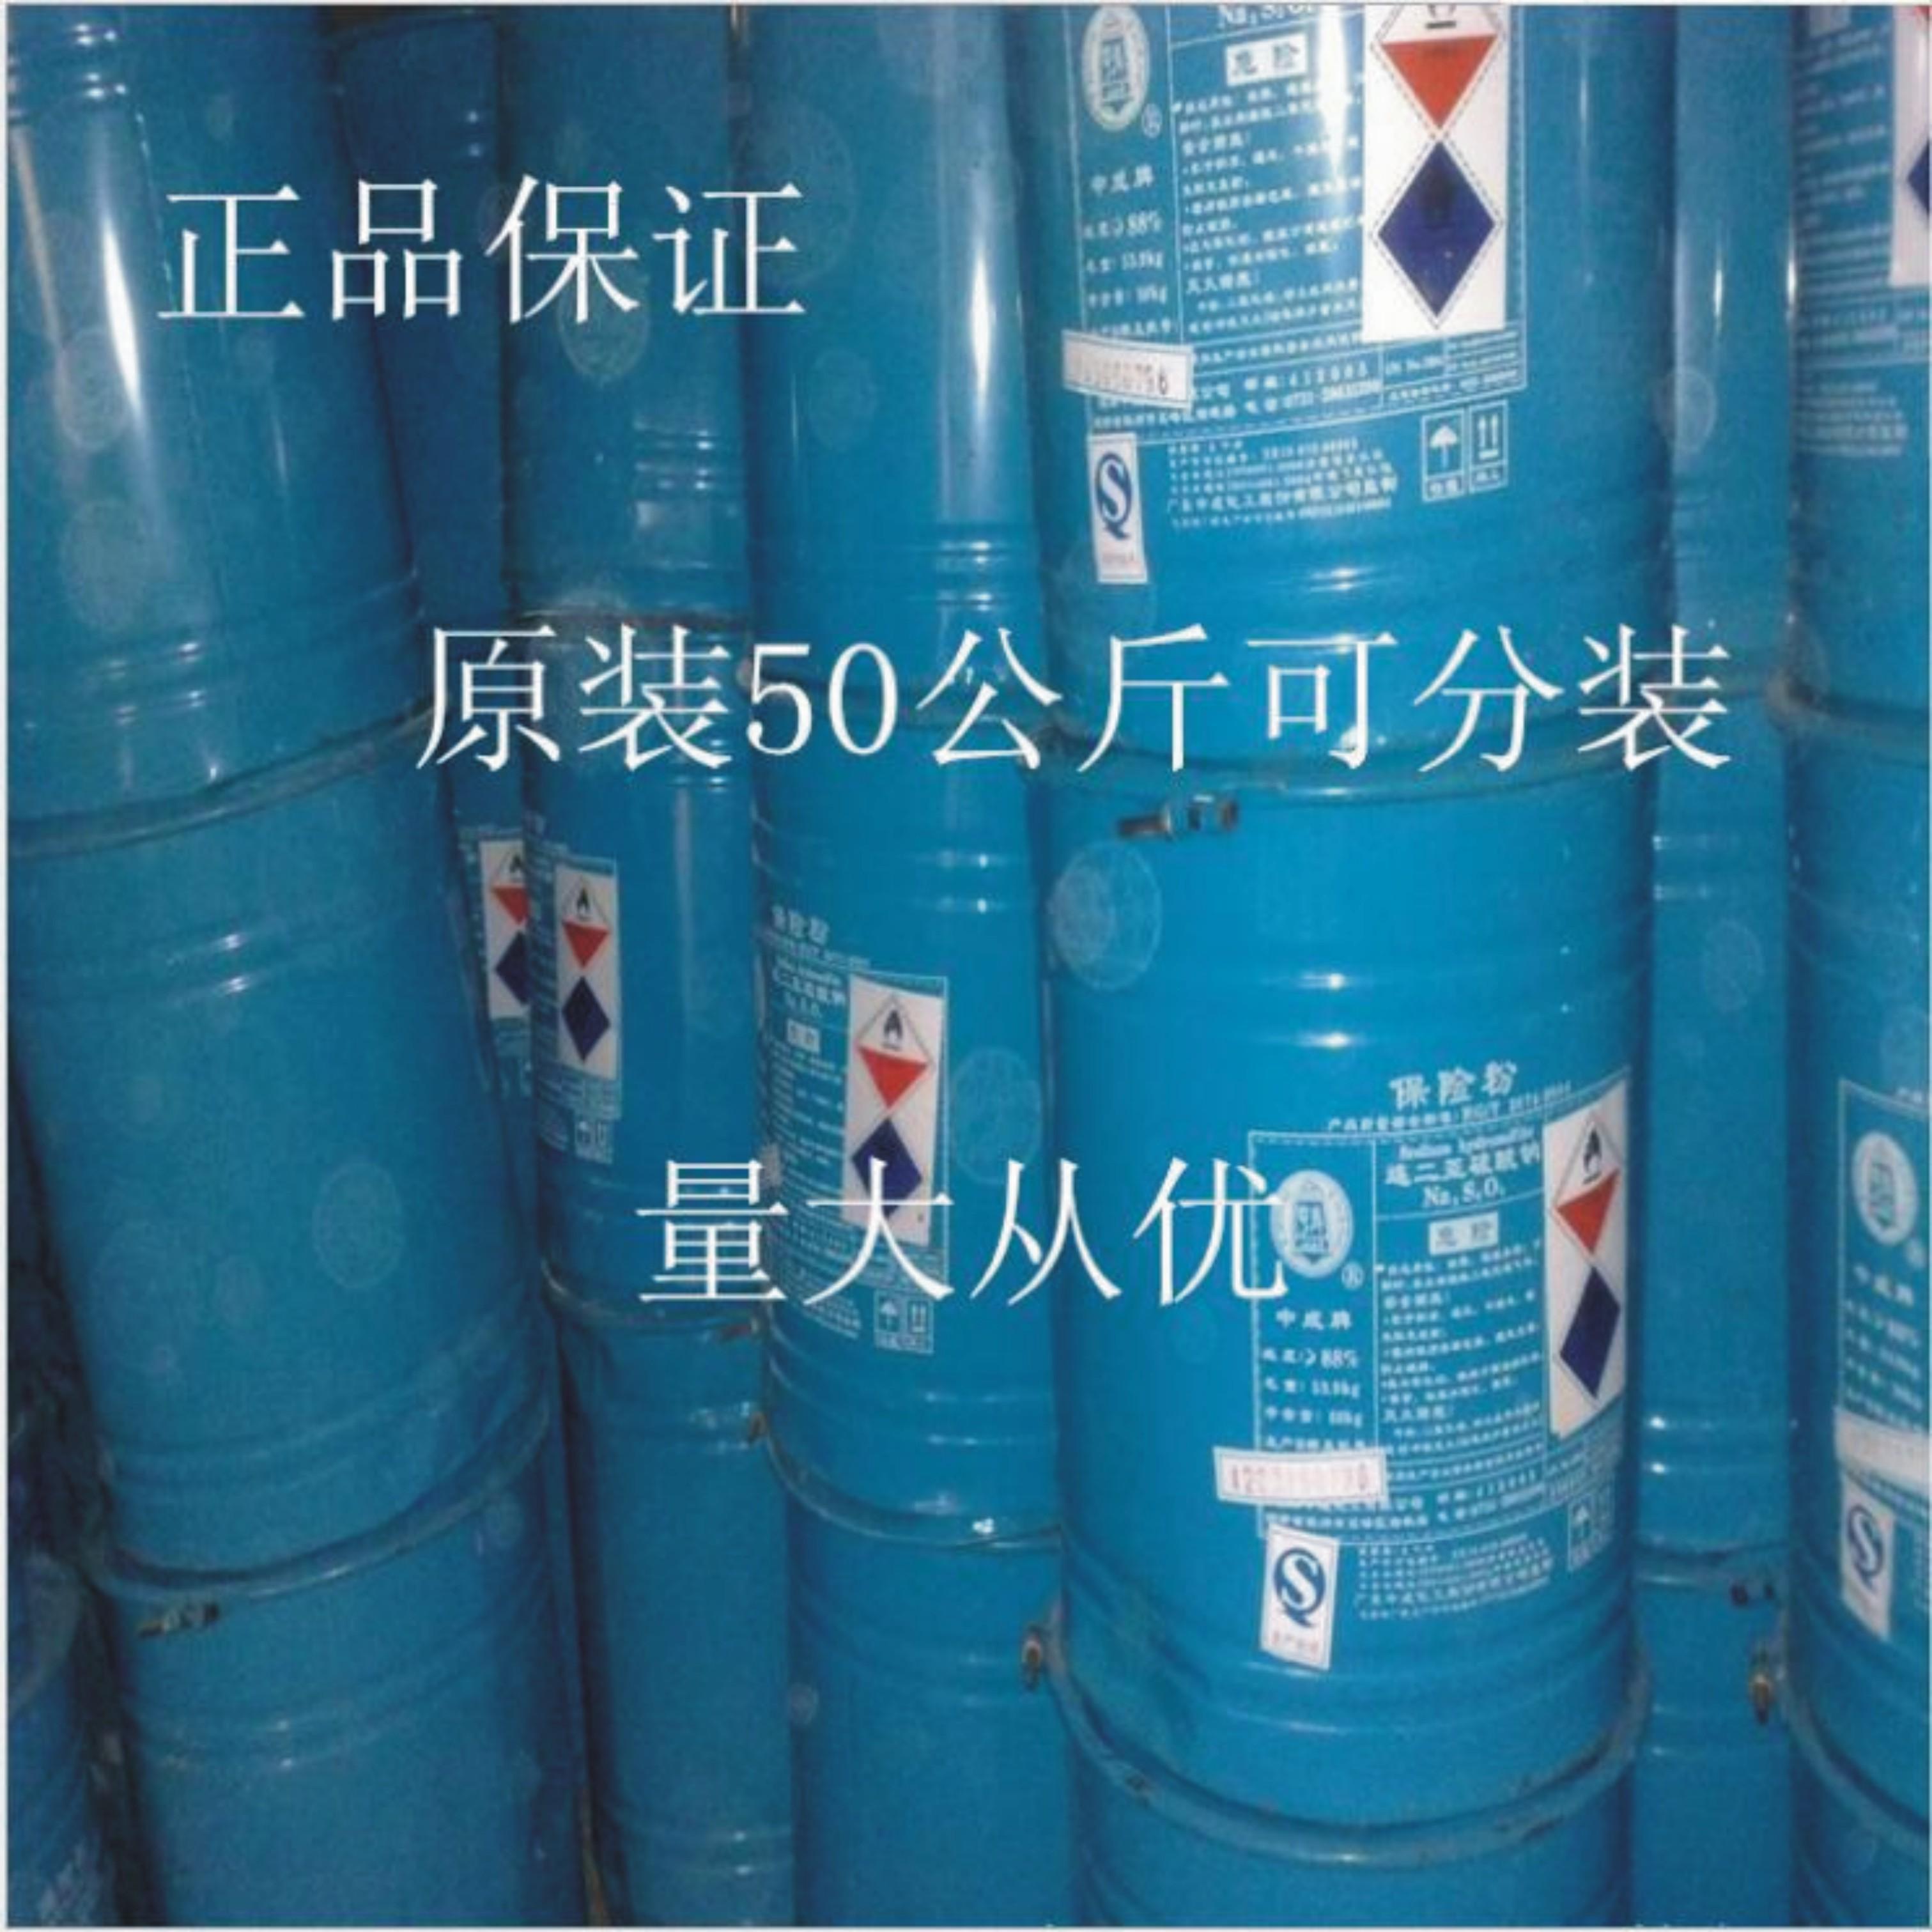 保险粉 连二亚硫酸钠 中成2.jpg